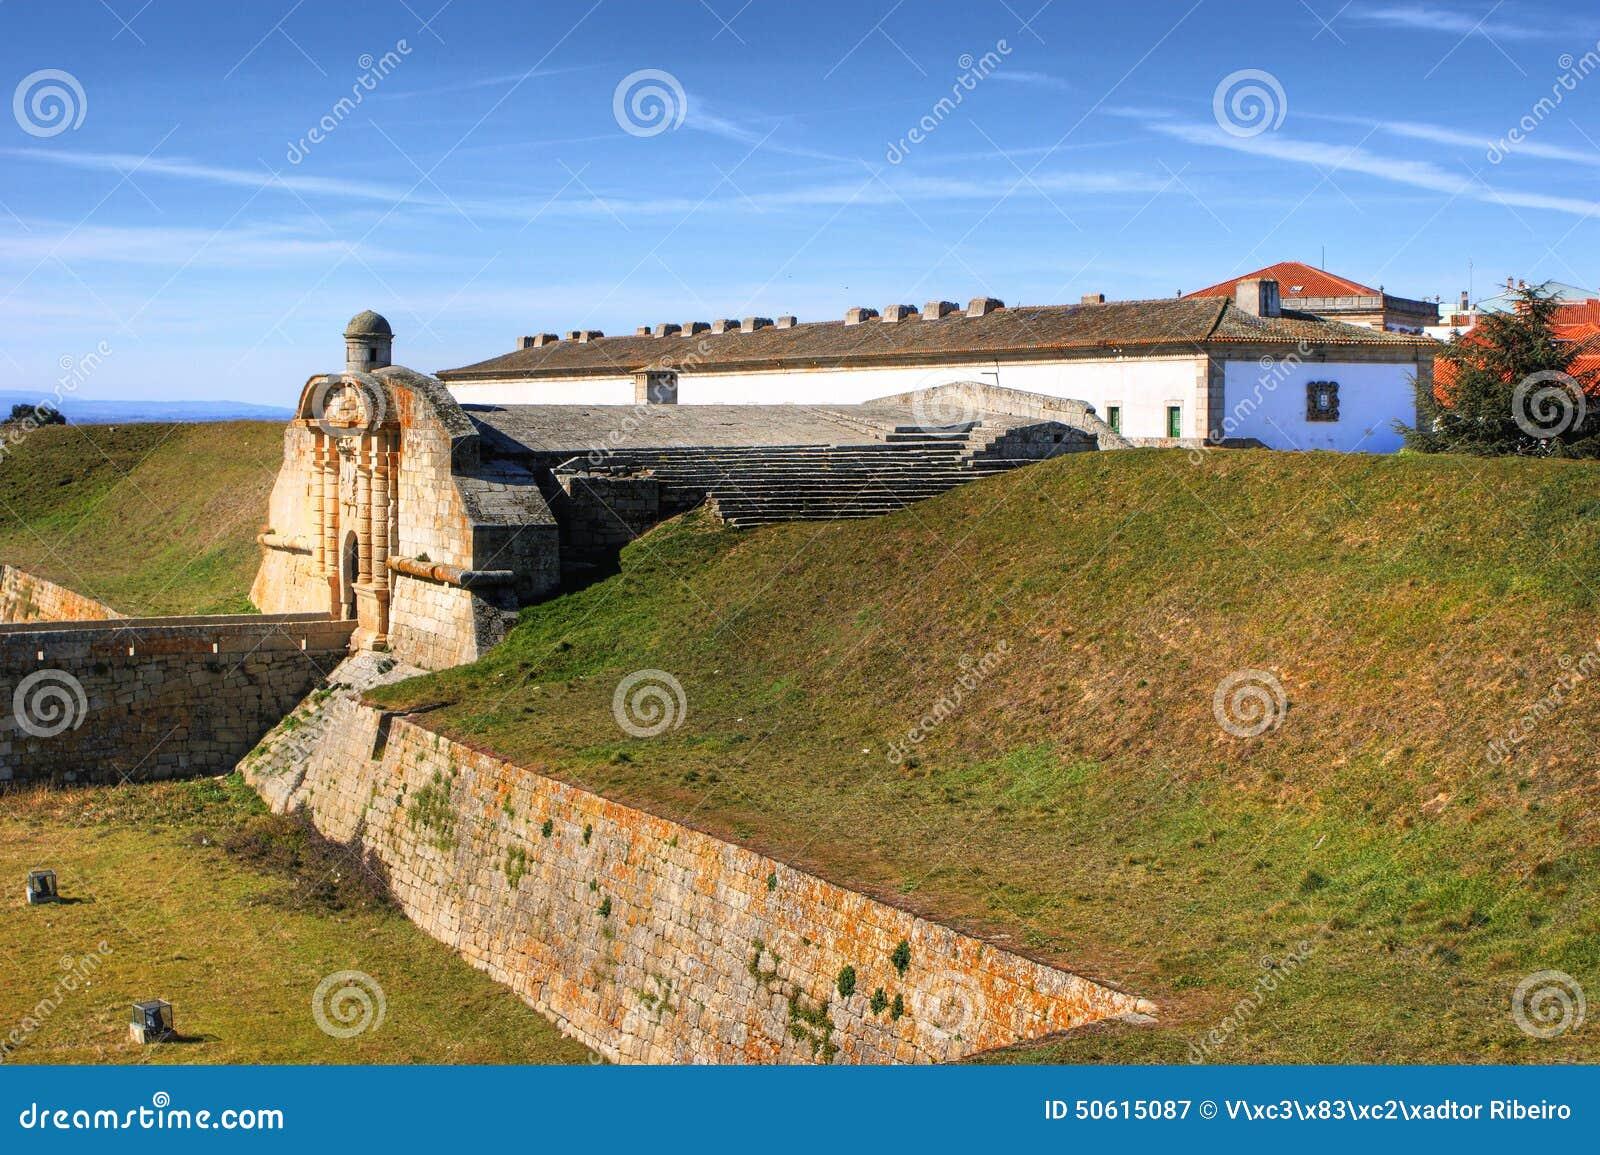 Villaggio storico di Almeida e pareti fortificate